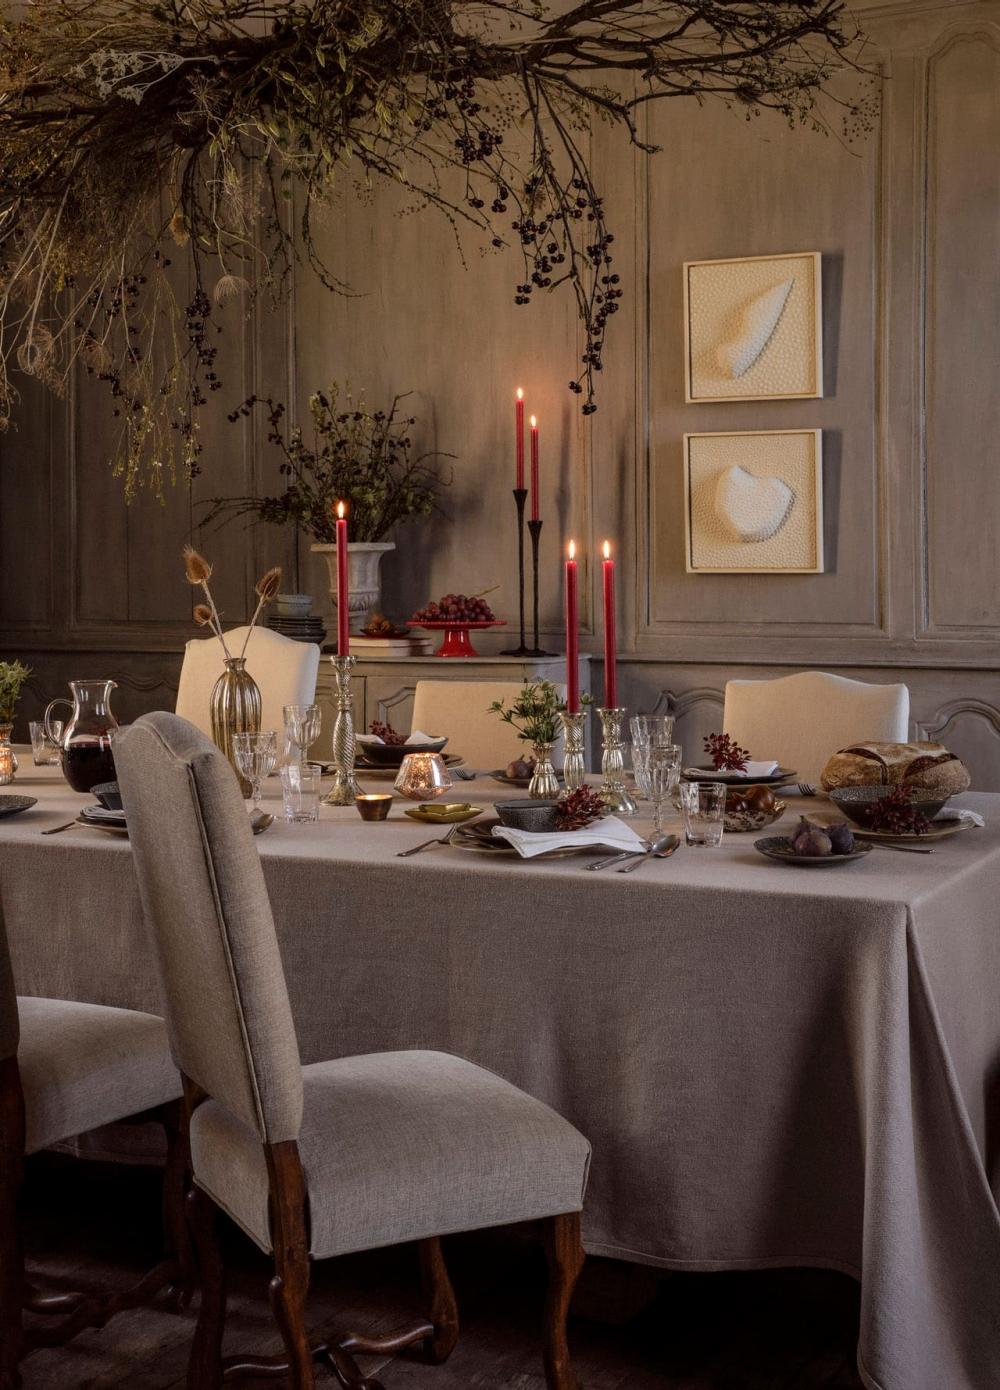 zara-home-christmas-collection-8.jpg